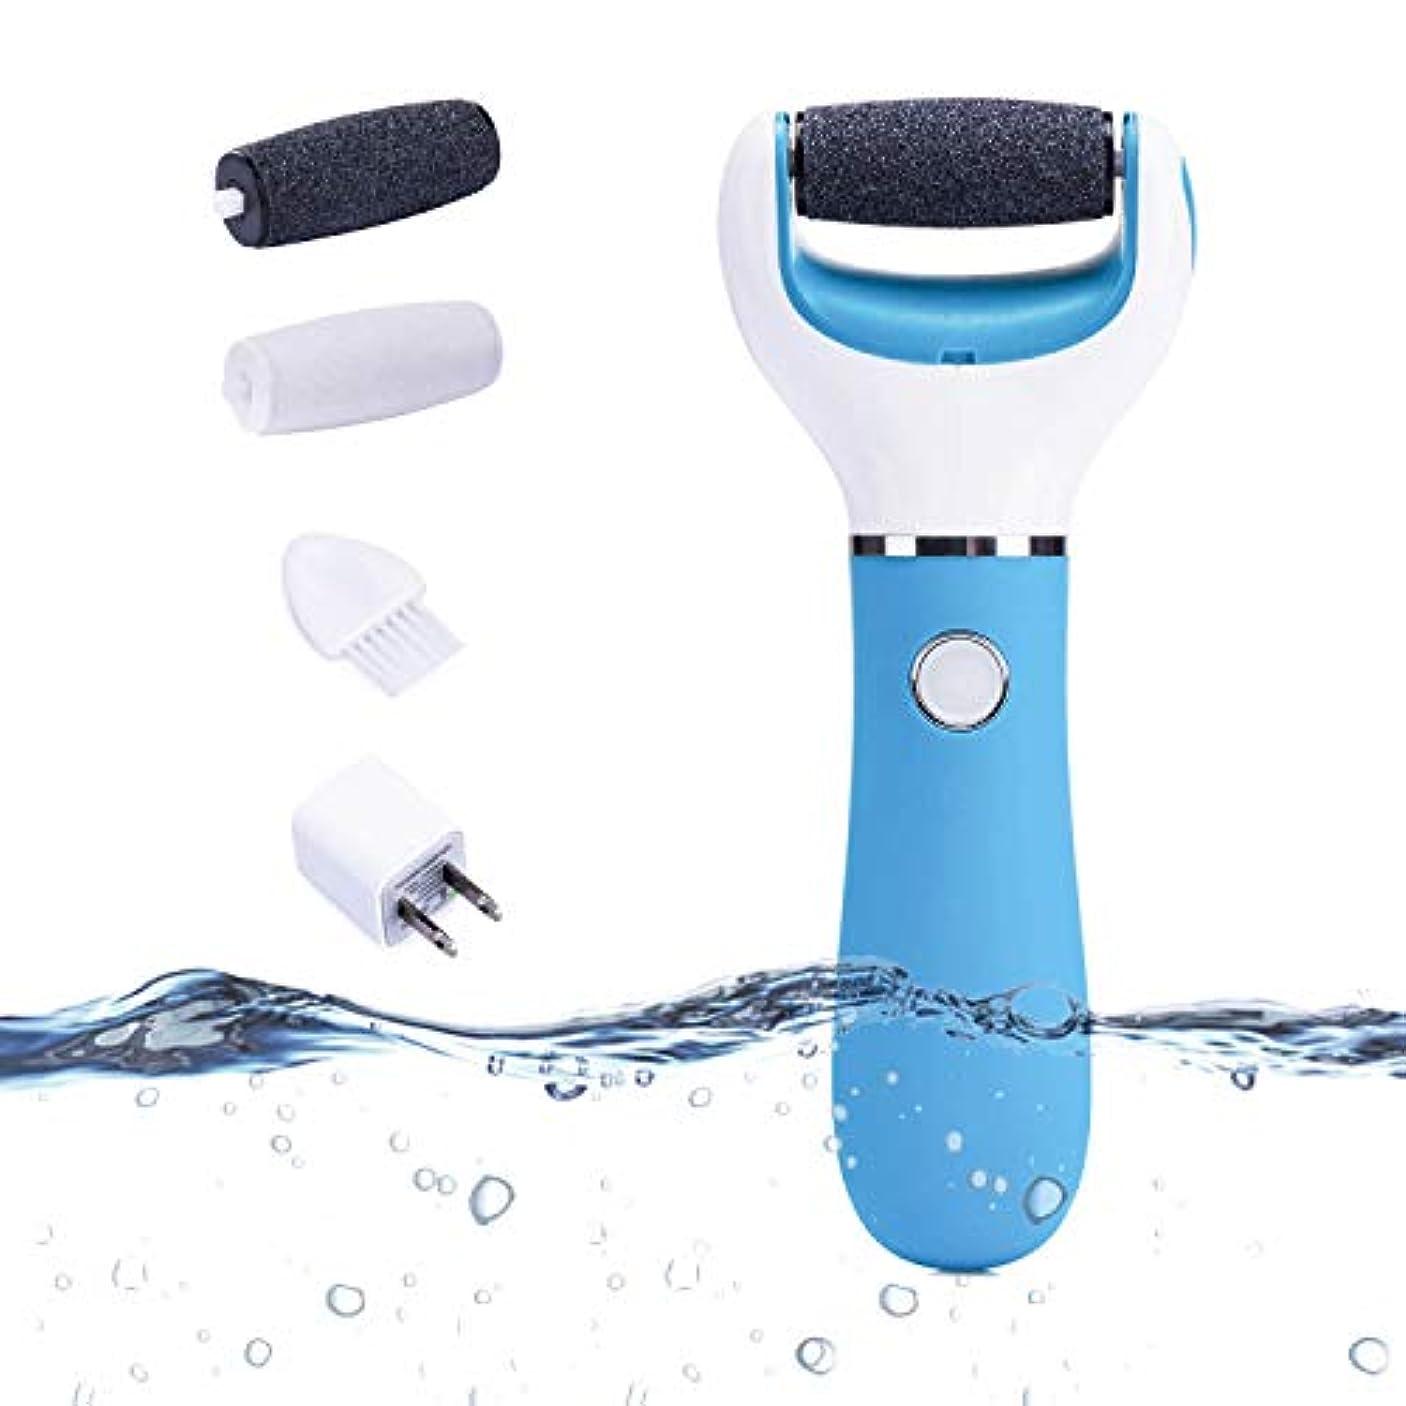 ピアニスト怖がって死ぬお願いしますLionWell 電動角質リムーバー USB充電式 防水 足ケア 軽石 角質取り 角質除去 改良版ローラー 粗目/細目 2つ付き 快速/低速モード 爪磨き機能 水洗い可能 フットケア (ブルー?強化型)